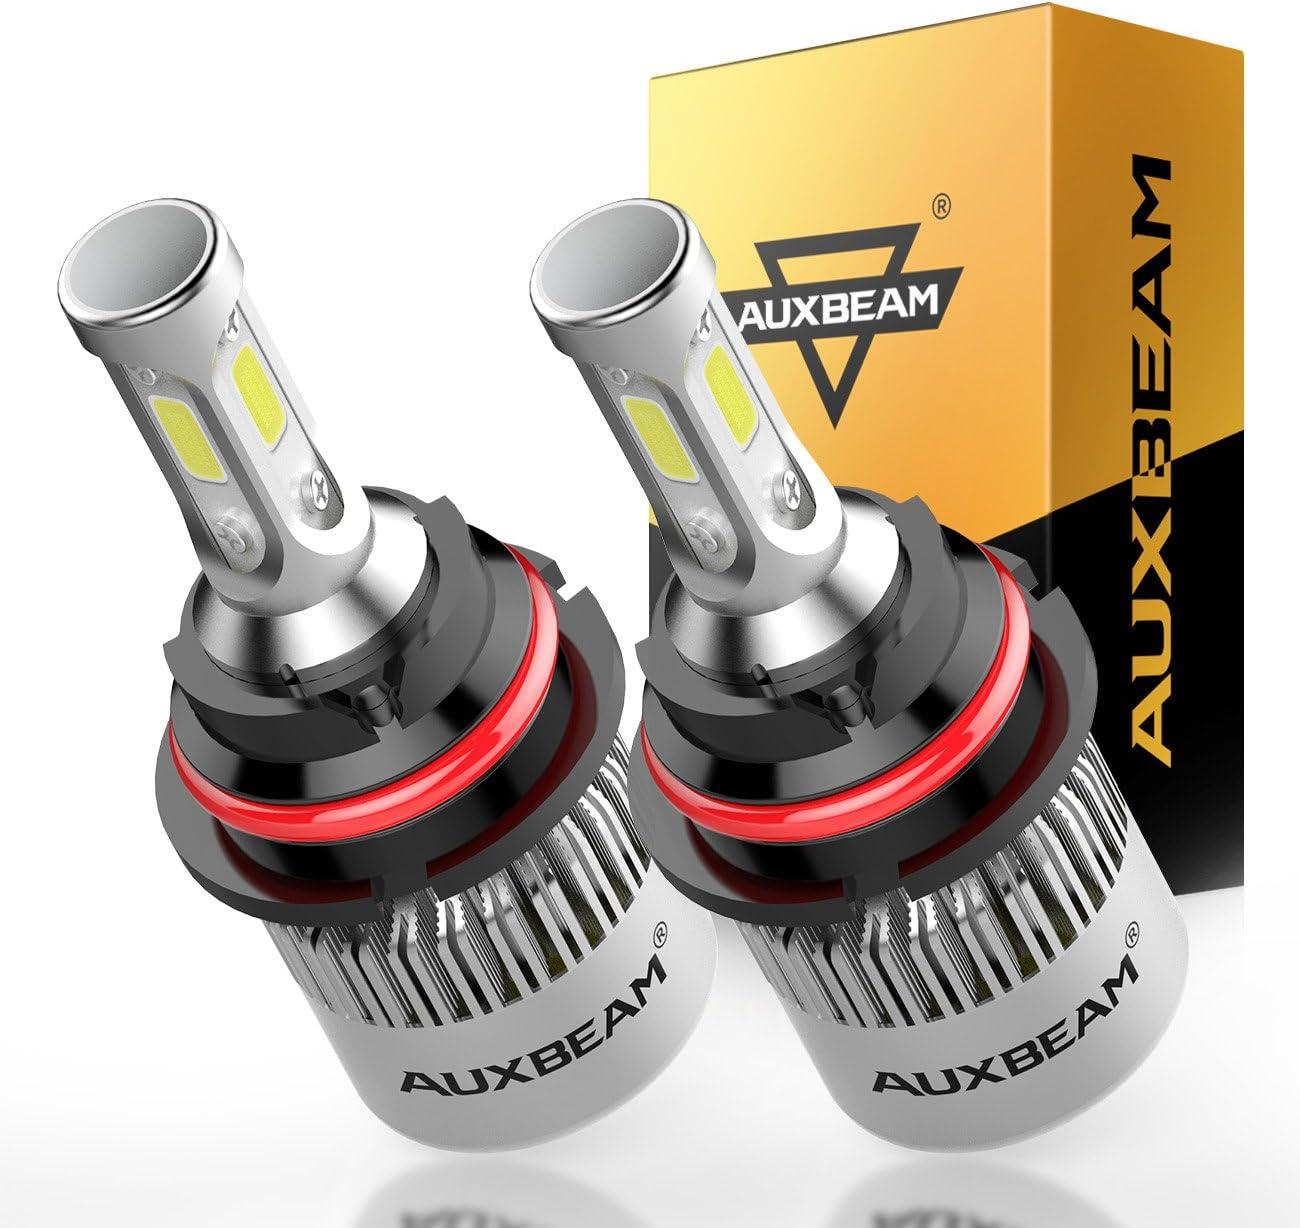 AUXBEAM LED F-S2 Series 9007 COB LED Headlight Conversion Kit